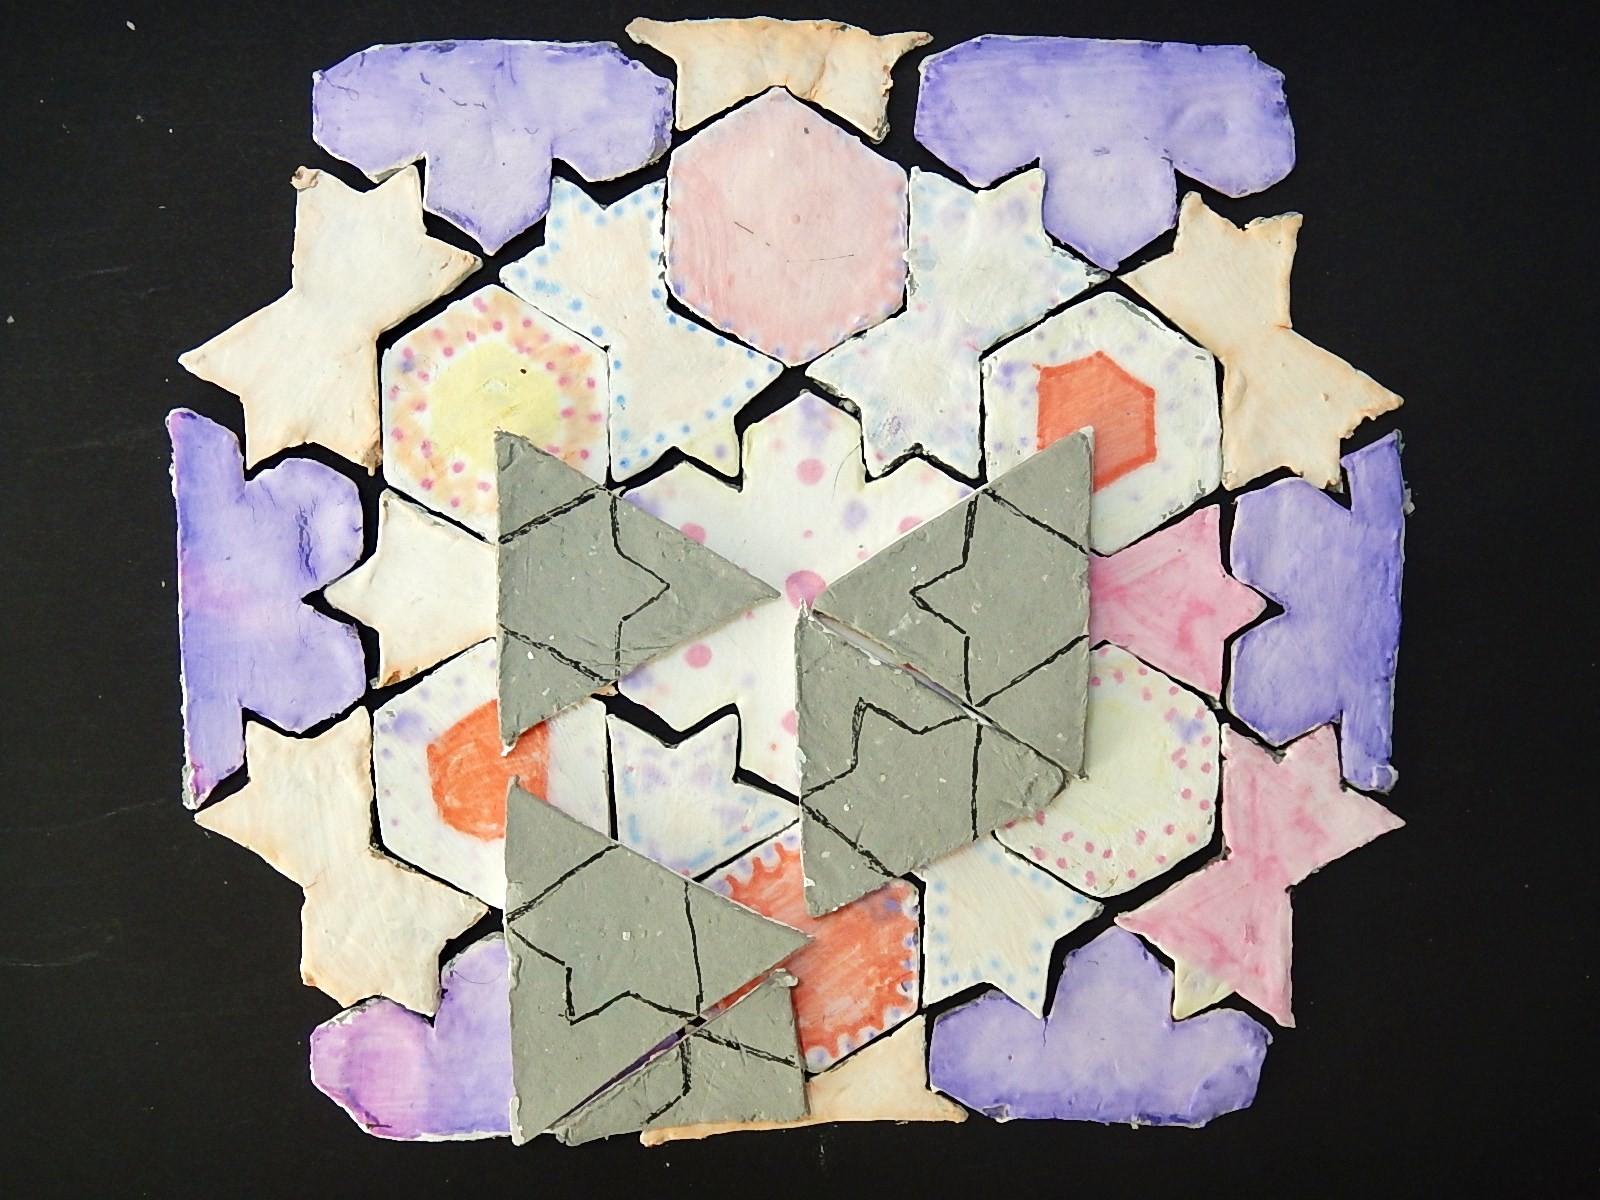 De relatie tussen de driehoeken (kleinste cel) en de gekleurde vormpjes